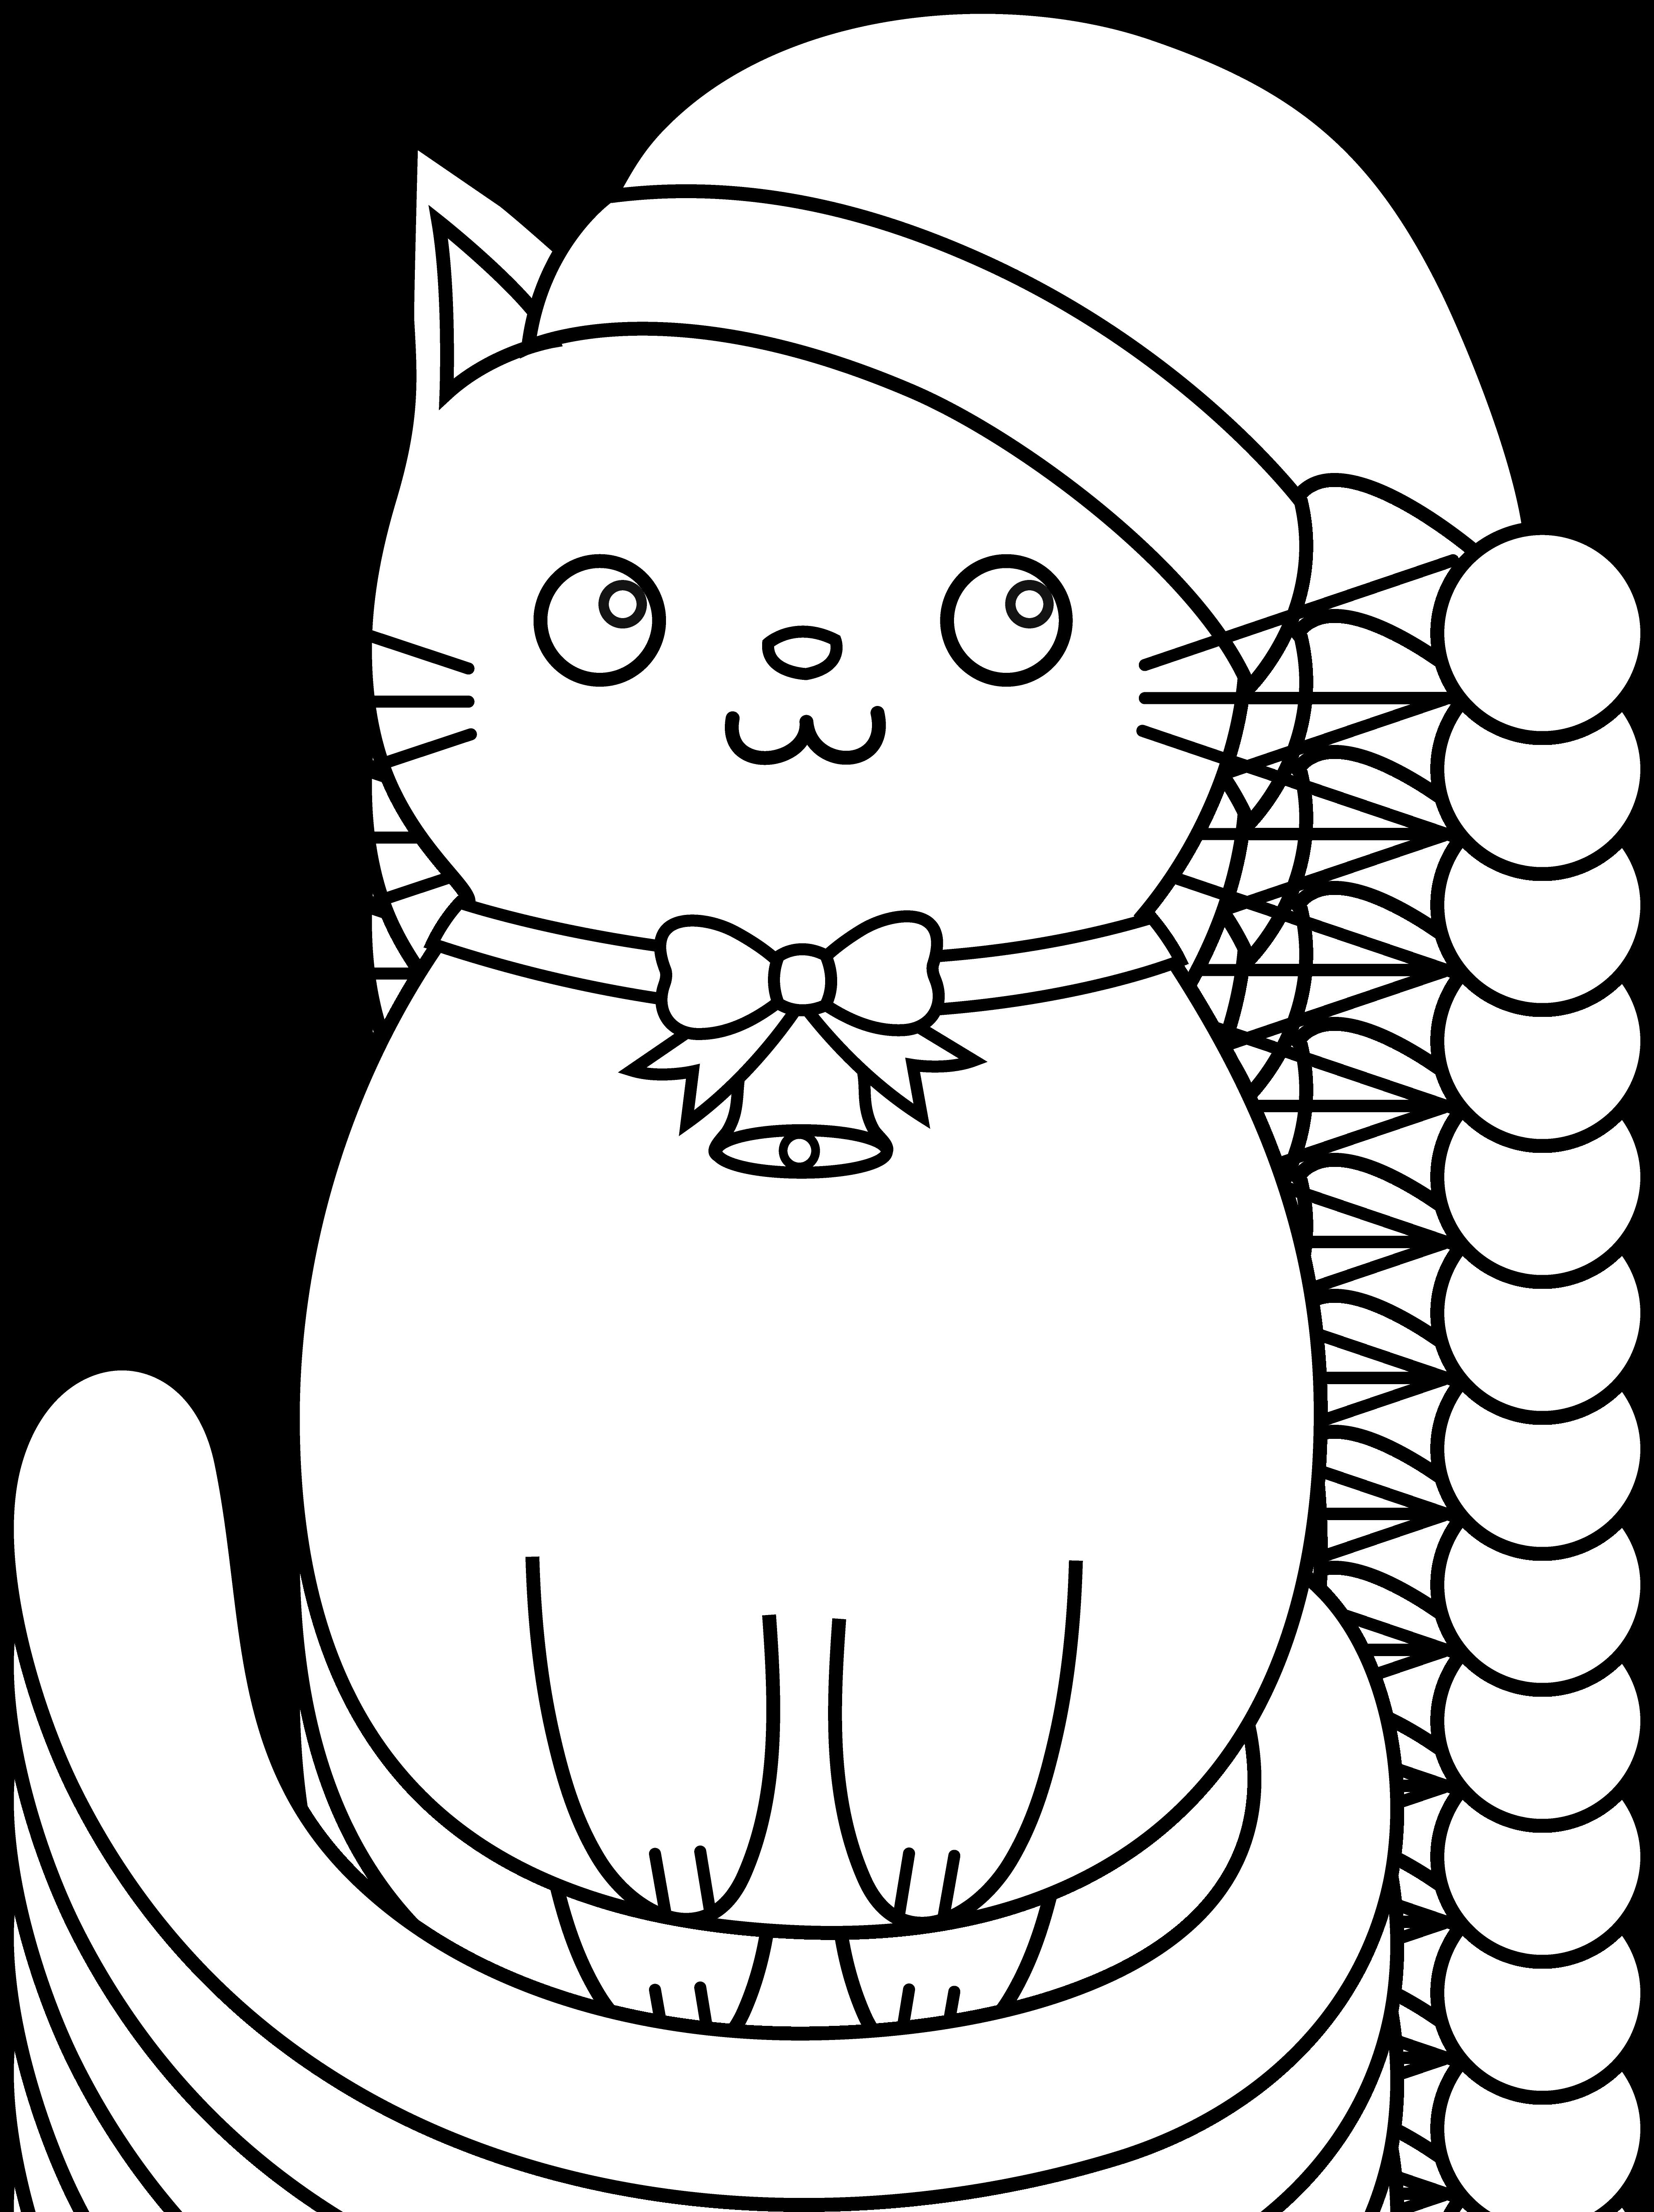 Christmas Kitty Lineart